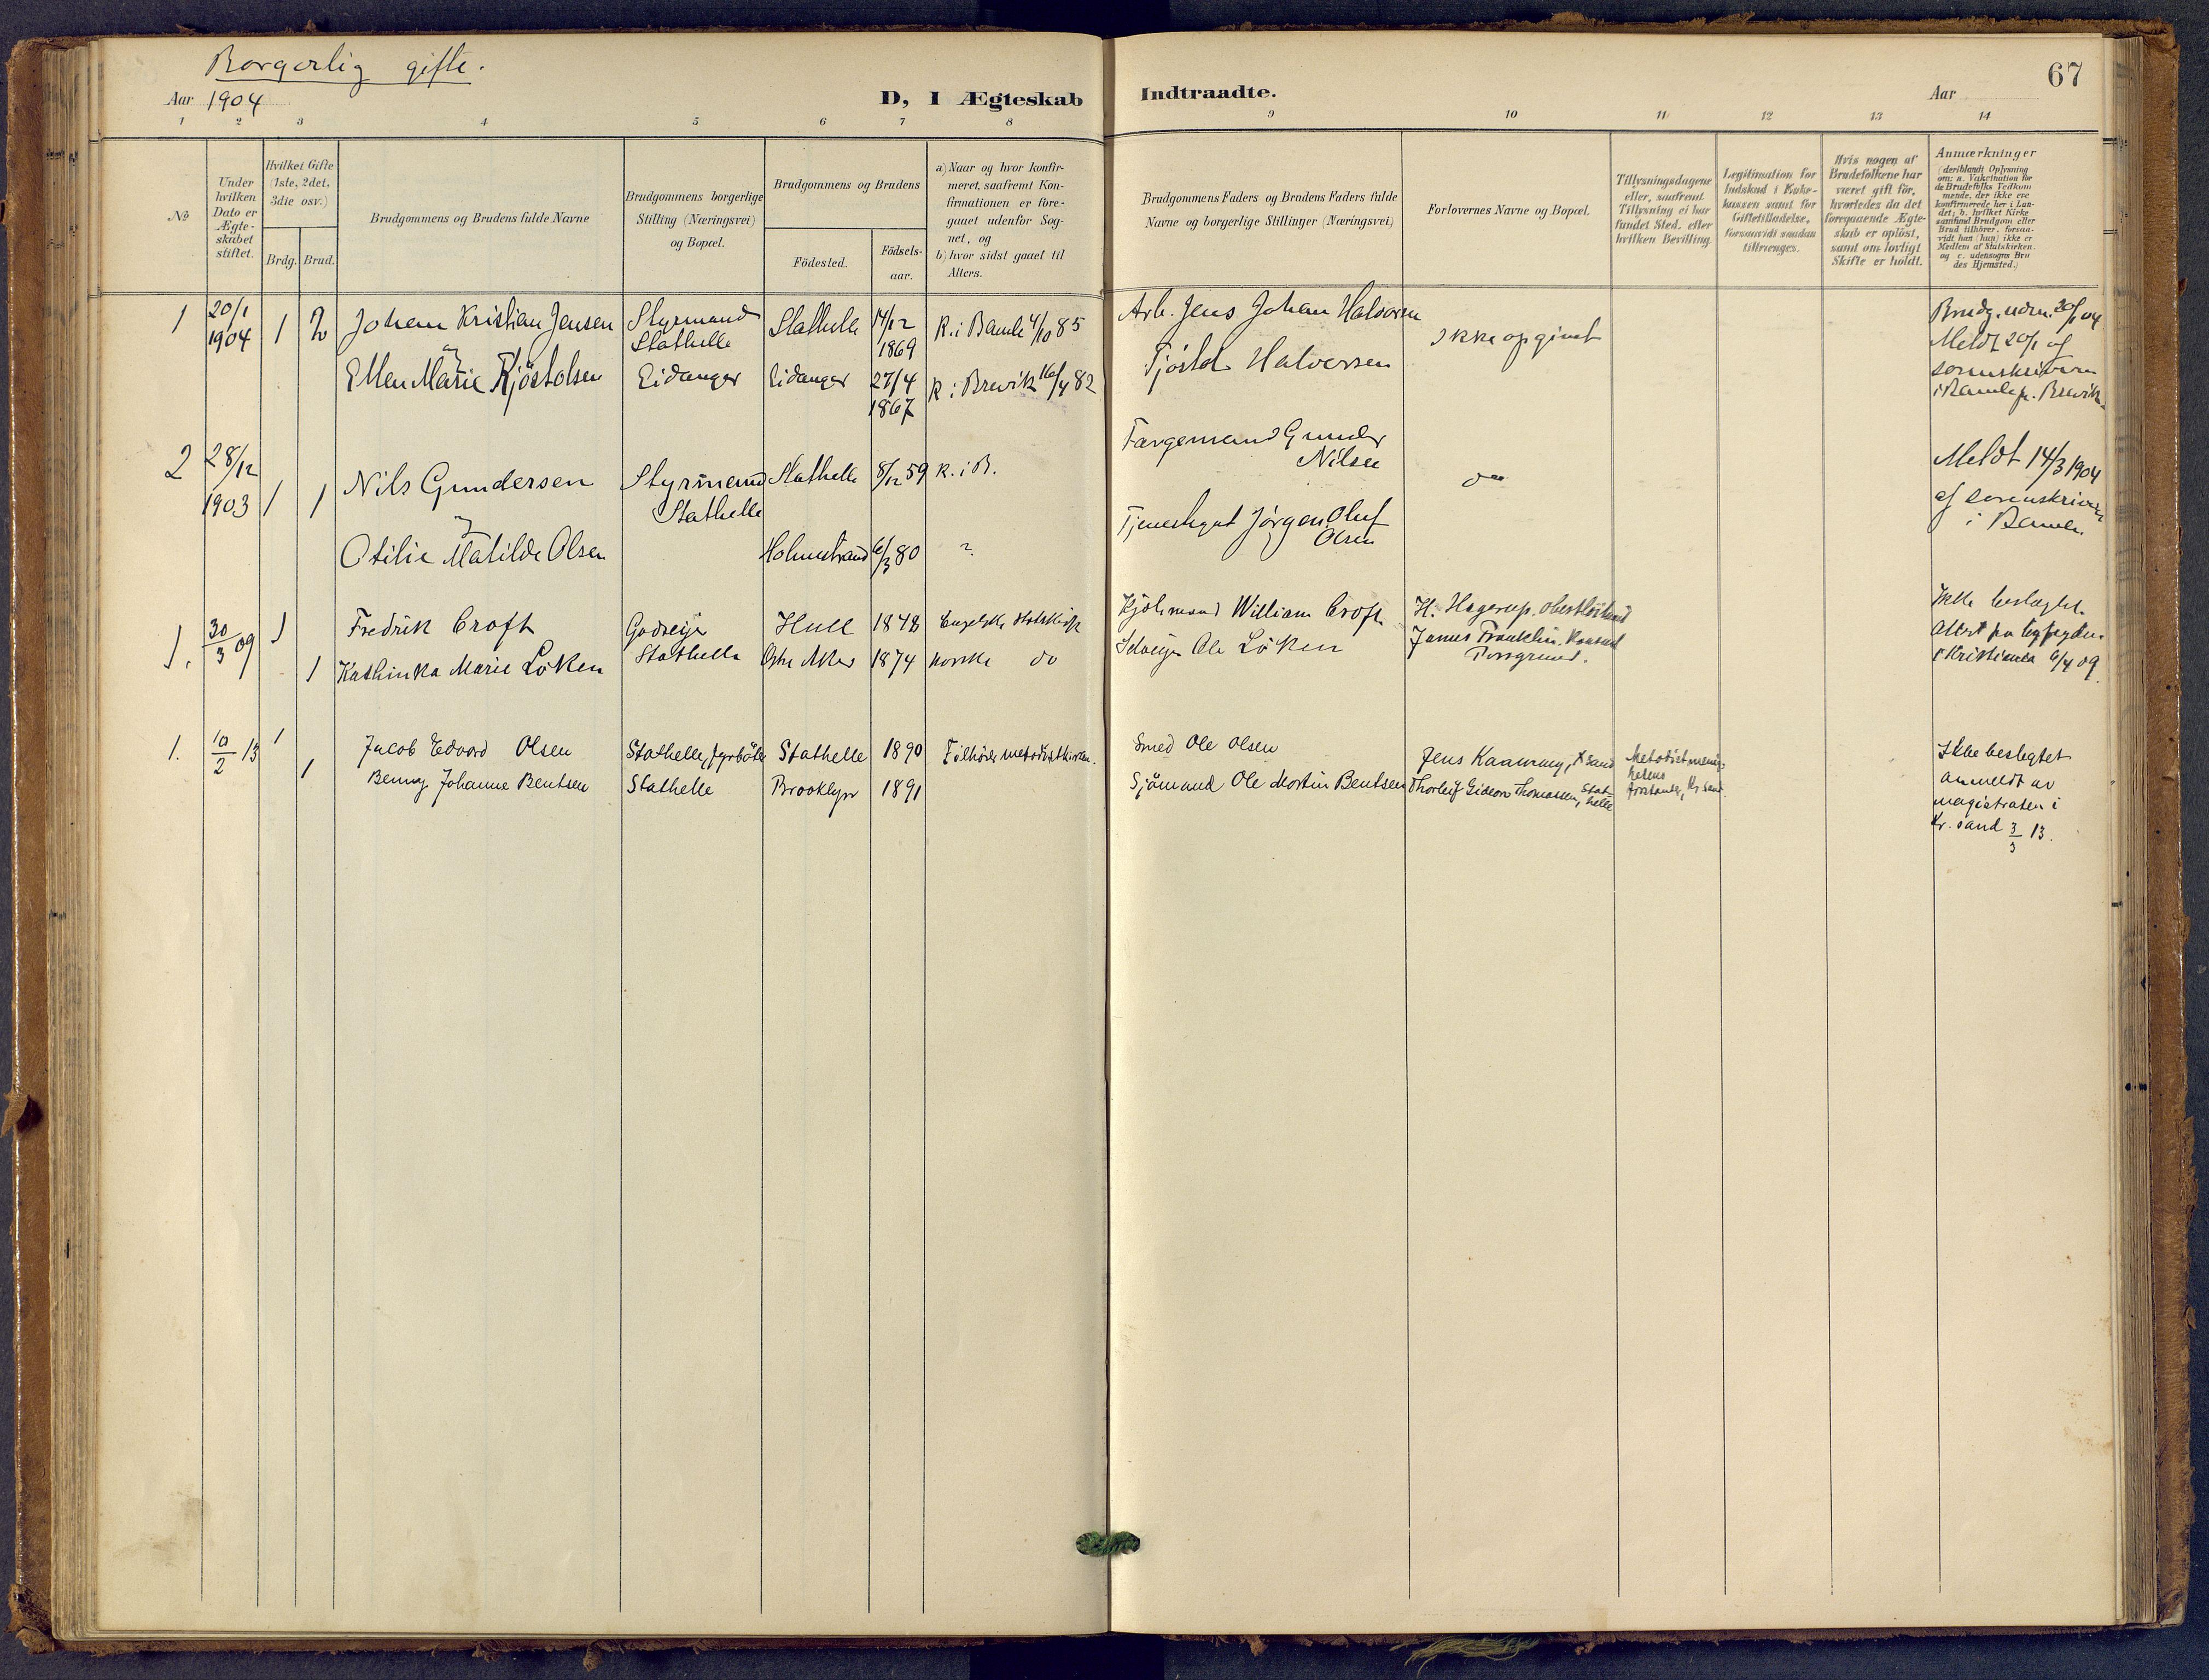 SAKO, Bamble kirkebøker, F/Fb/L0002: Ministerialbok nr. II 2, 1900-1921, s. 67